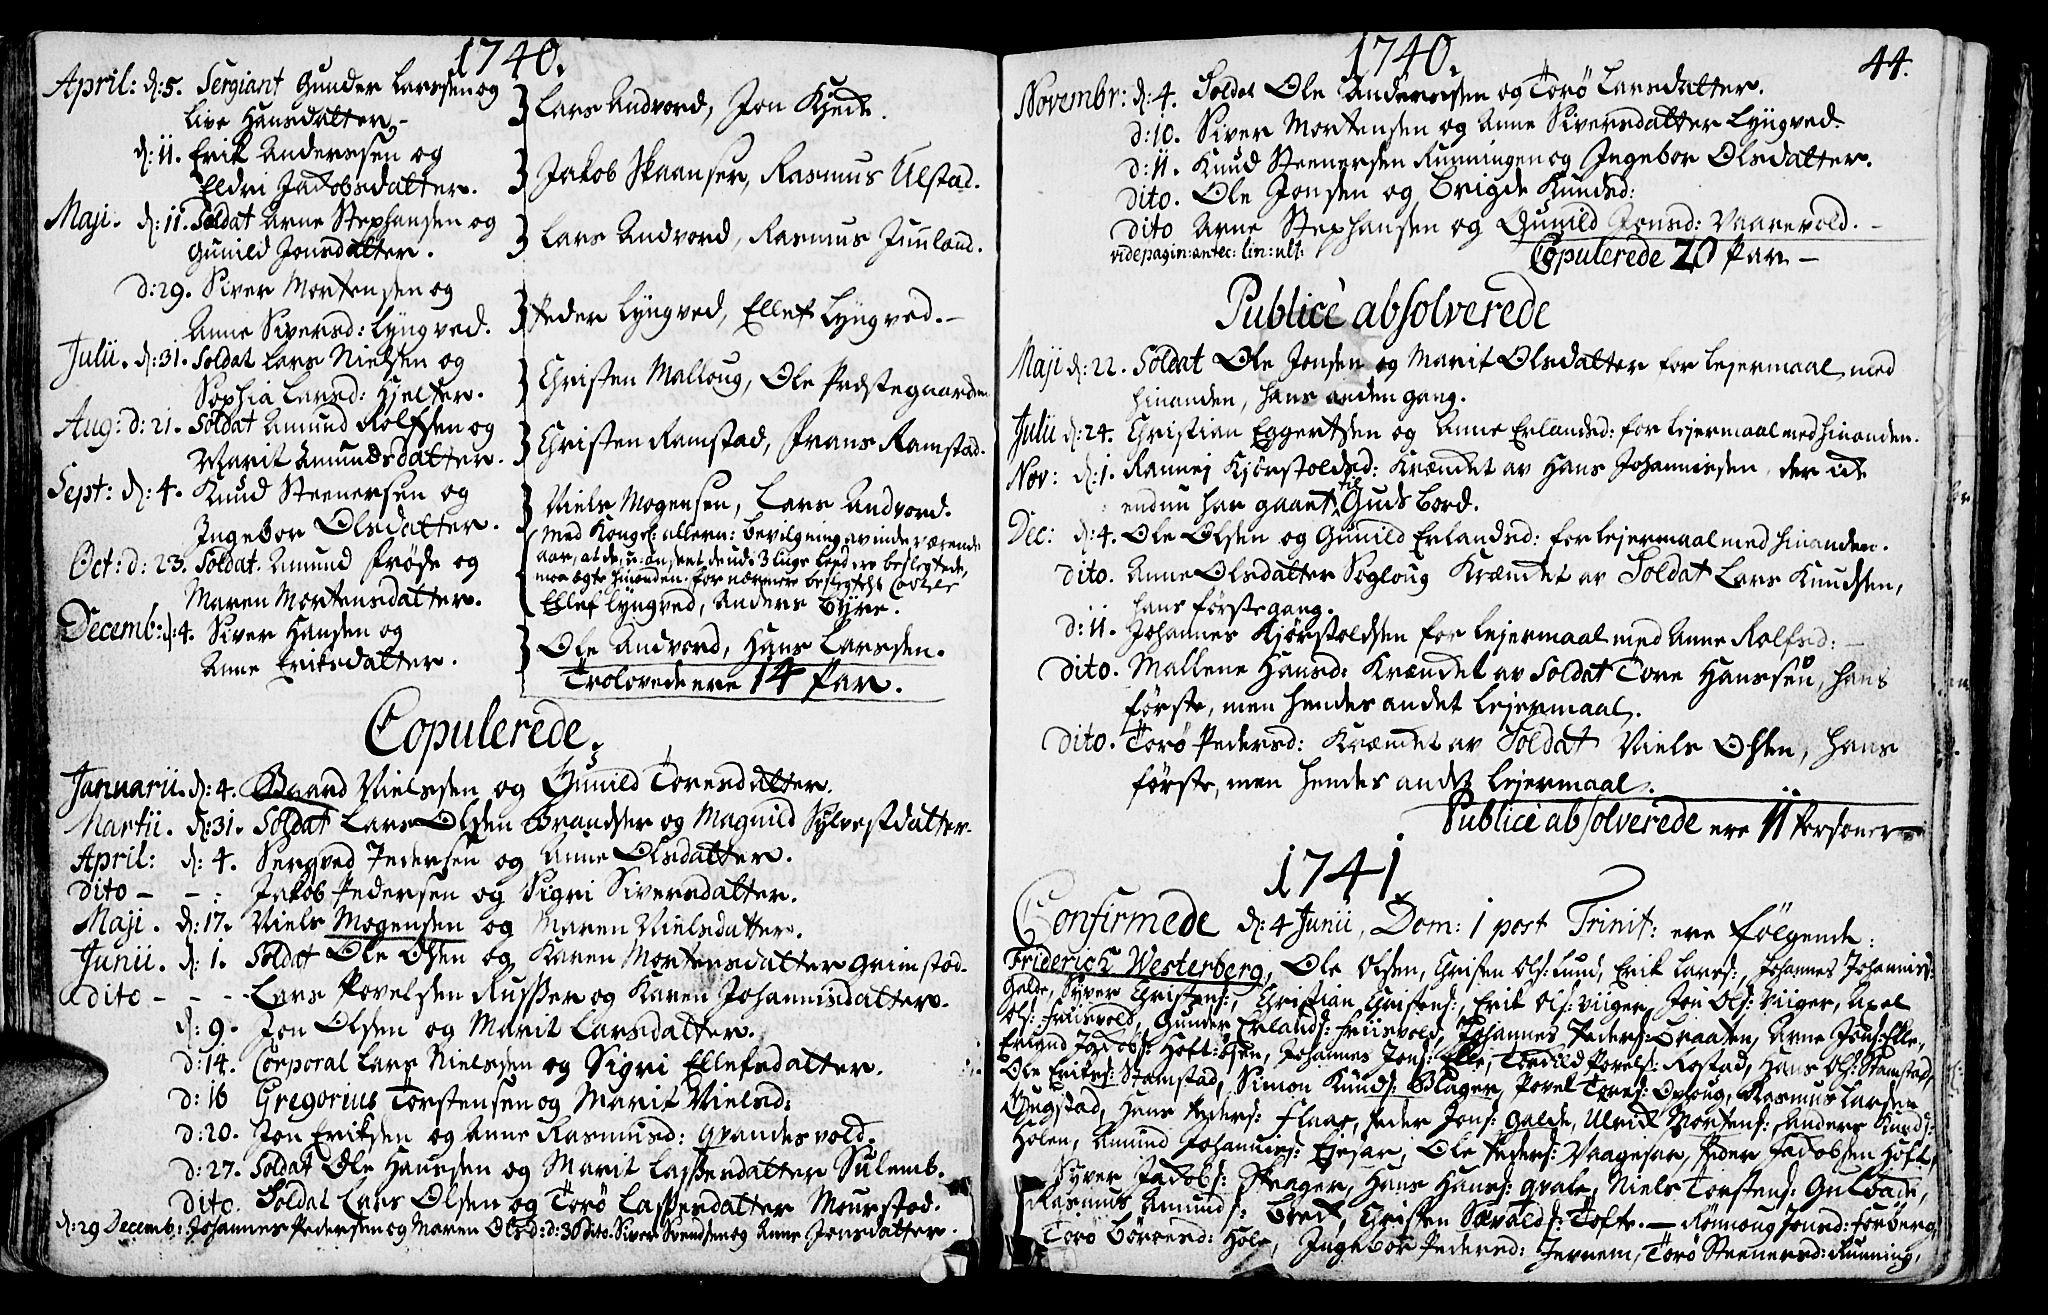 SAH, Lom prestekontor, K/L0001: Ministerialbok nr. 1, 1733-1748, s. 44